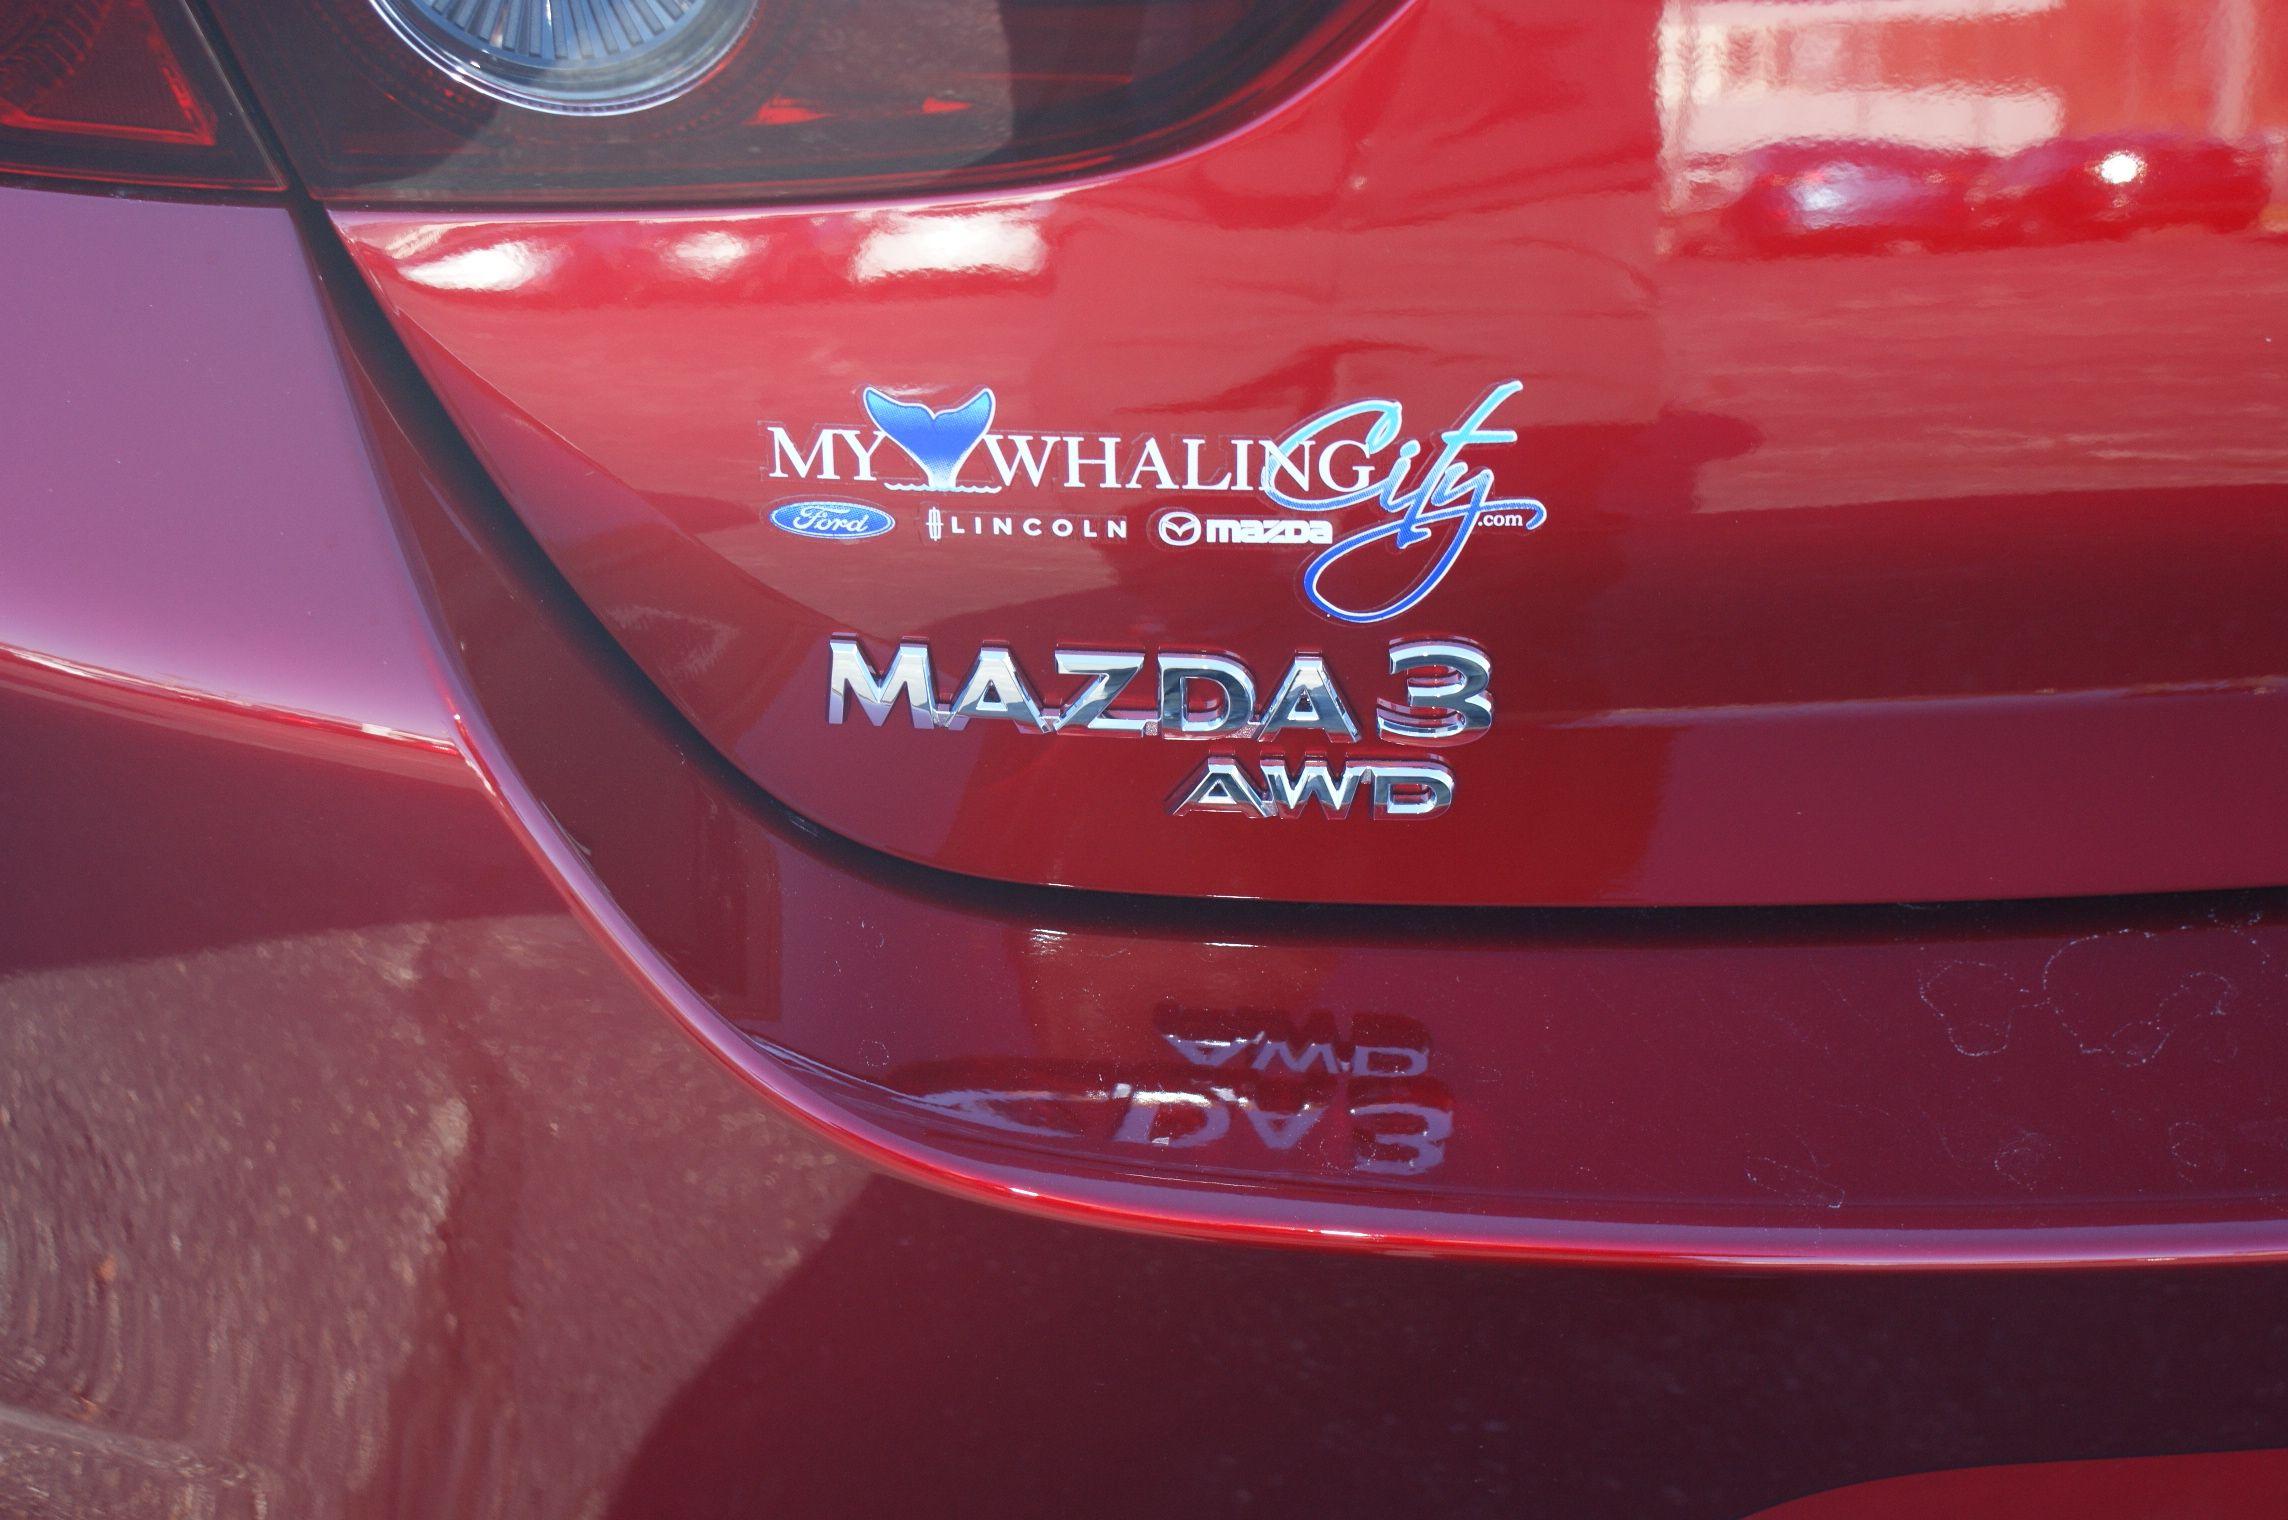 2019 Mazda3 AWD Mazda cars, Awd, Mazda 3